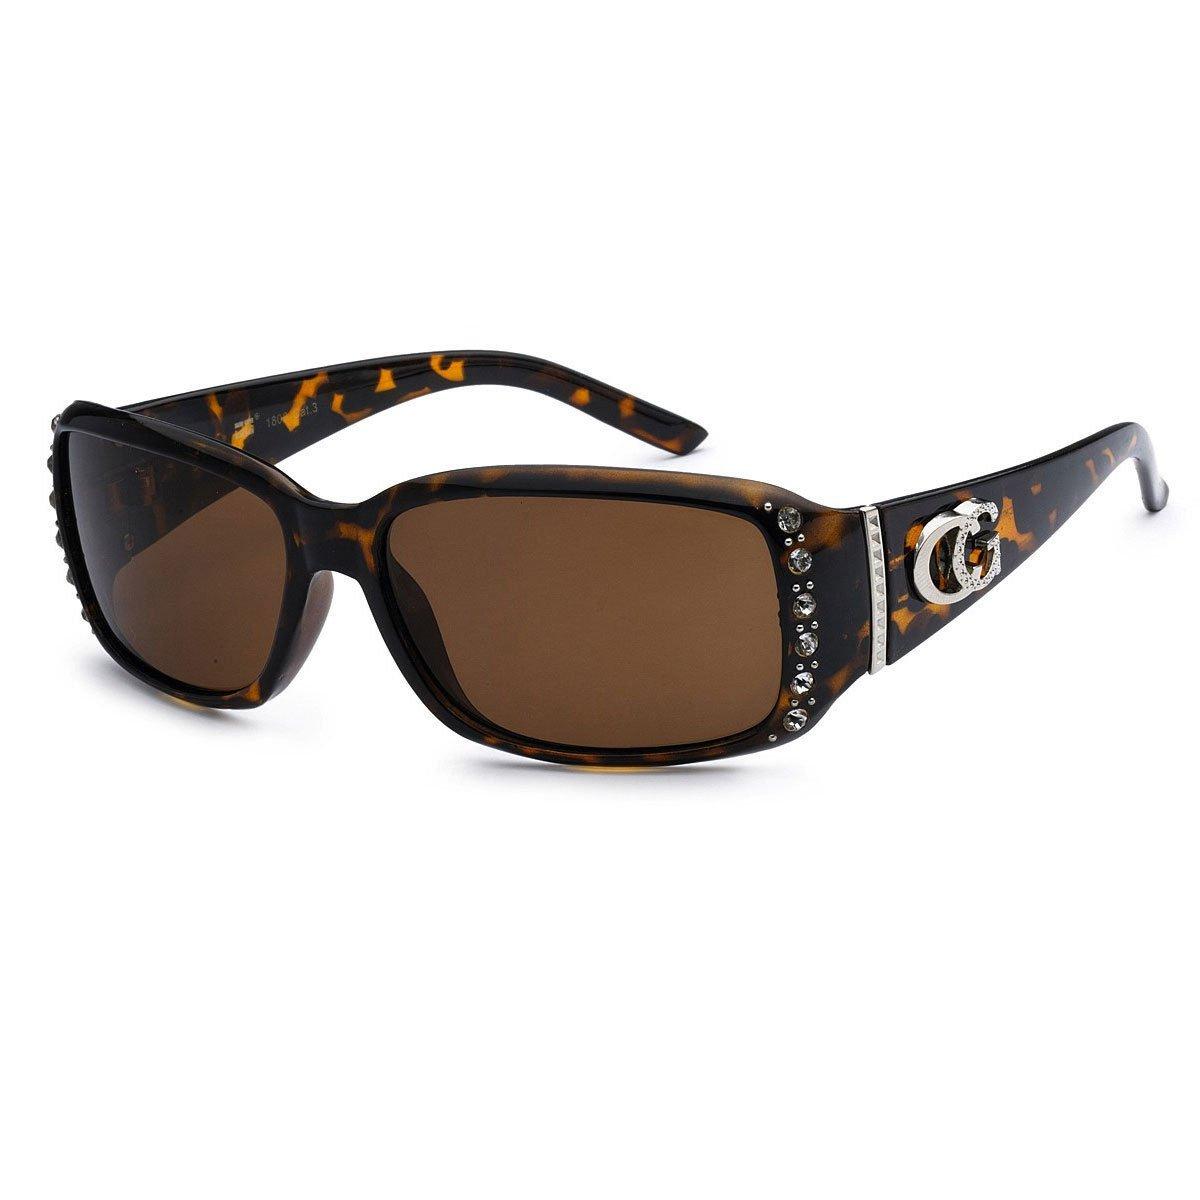 CG Sunglasses CG Lunettes de Soleil Strass clout/és /étroit rectangulaire Mode UV Protect 1 Moyen Noir